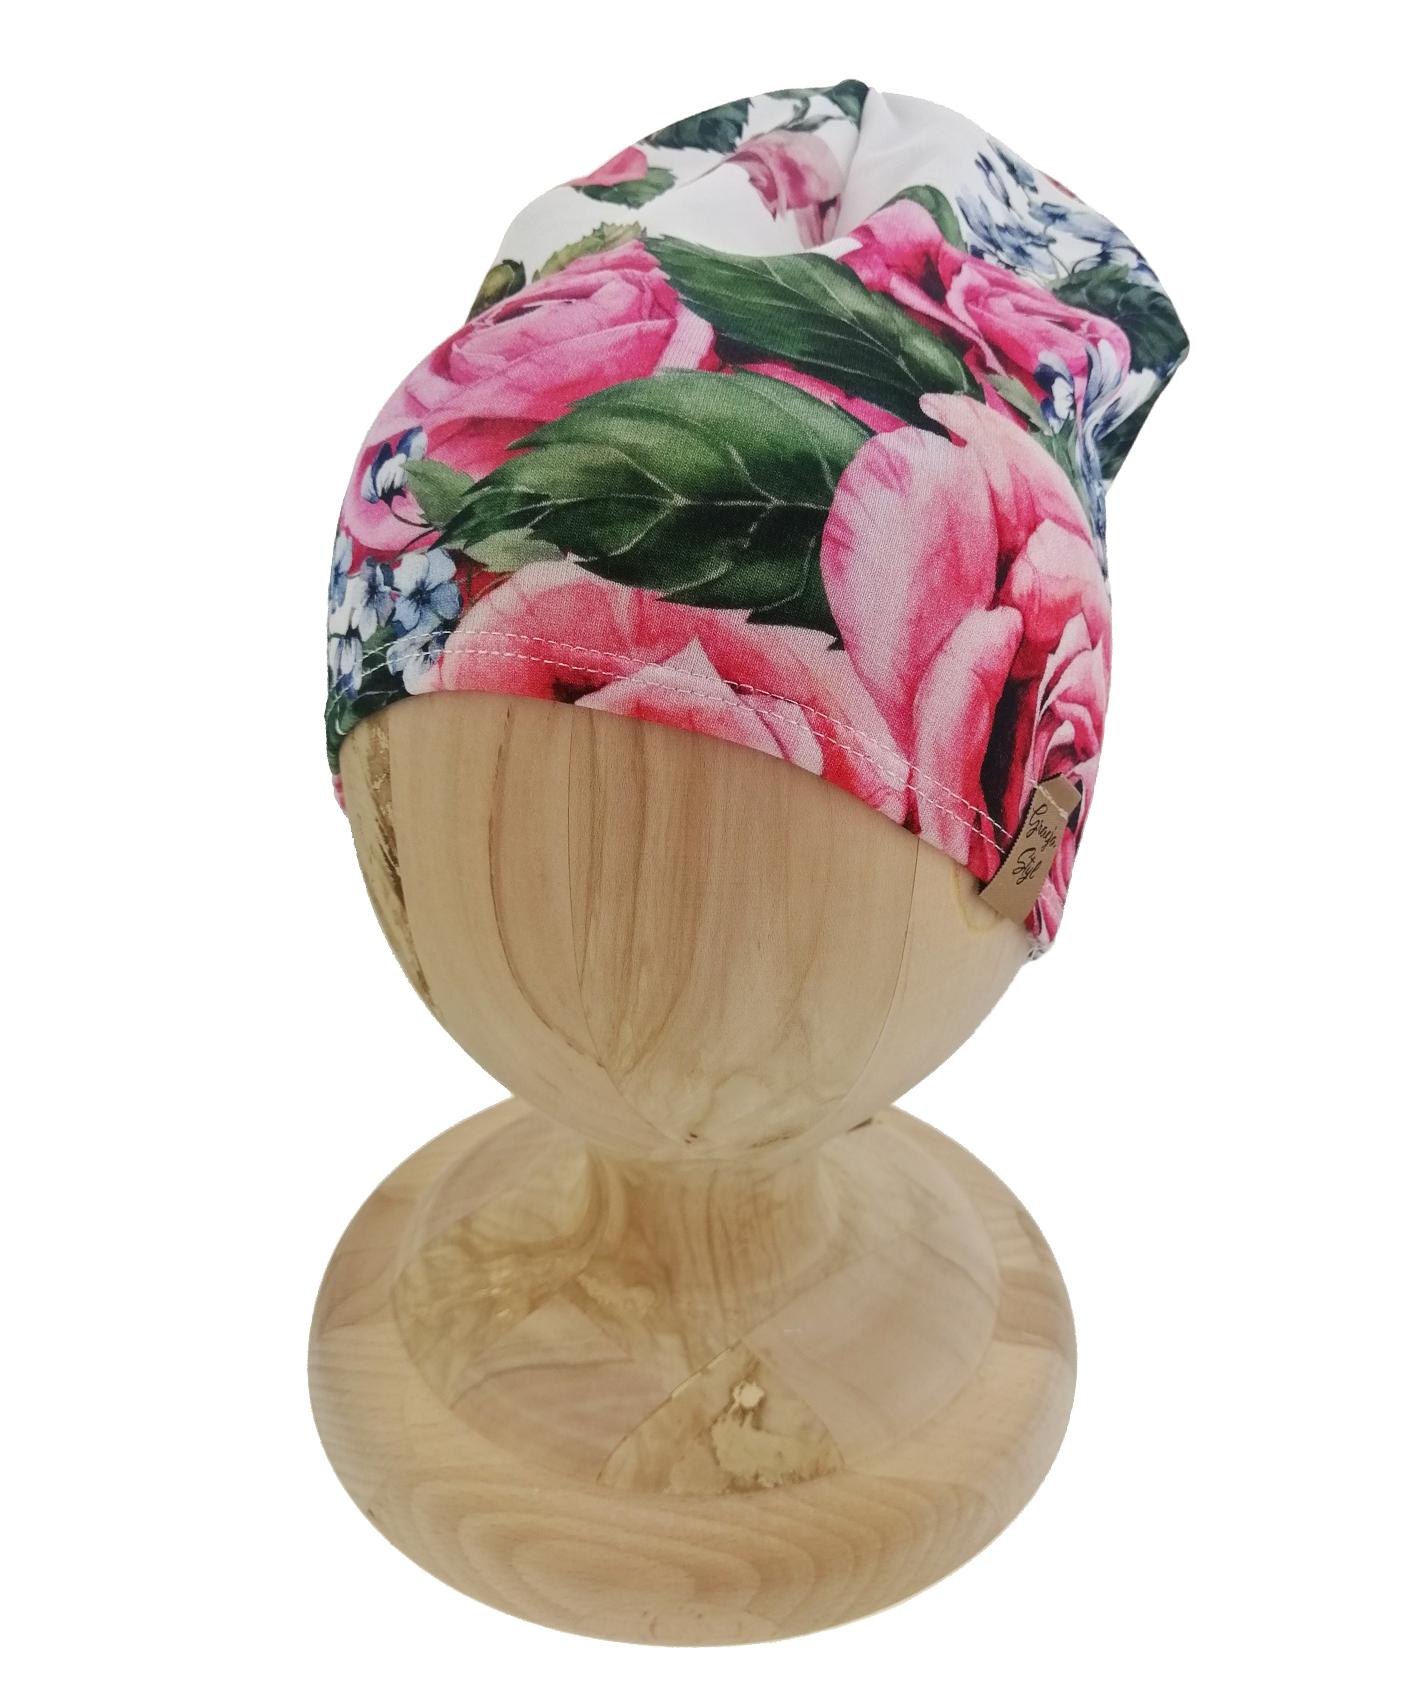 Czapka typu smerfetka. Uszyta z bawełny pętelkowej. Marka Gracja Styl. Dzikęi domieszcze elastanu czapka dobrze dopasowuje się do głowy. Wzór kwiatowy róża